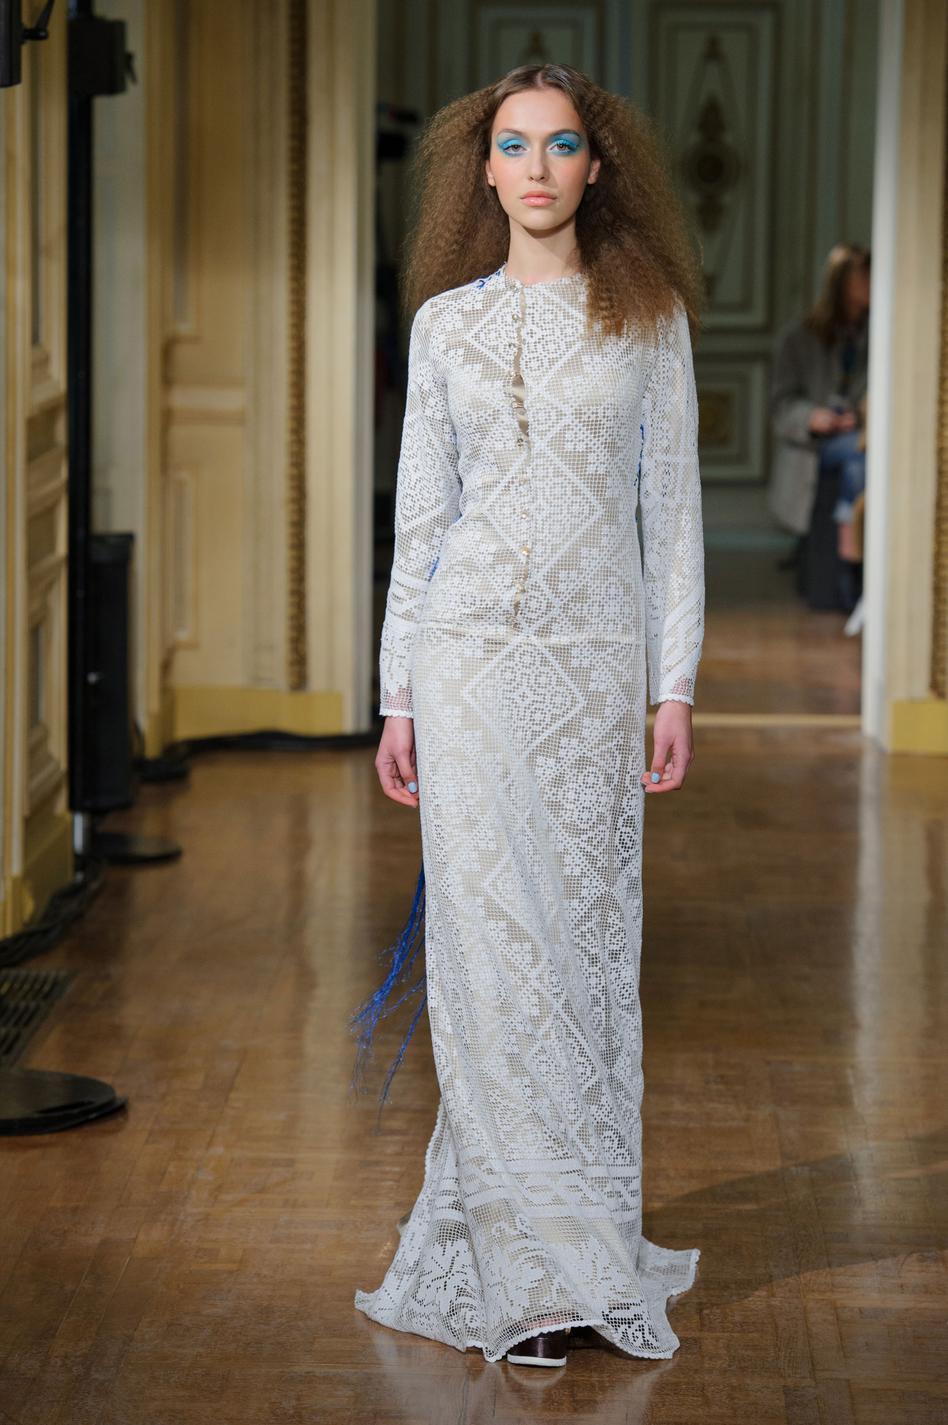 b52715a744e ... Les plus belles robes de mariée des défilés haute couture printemps-été  2016 - photo 5 ...